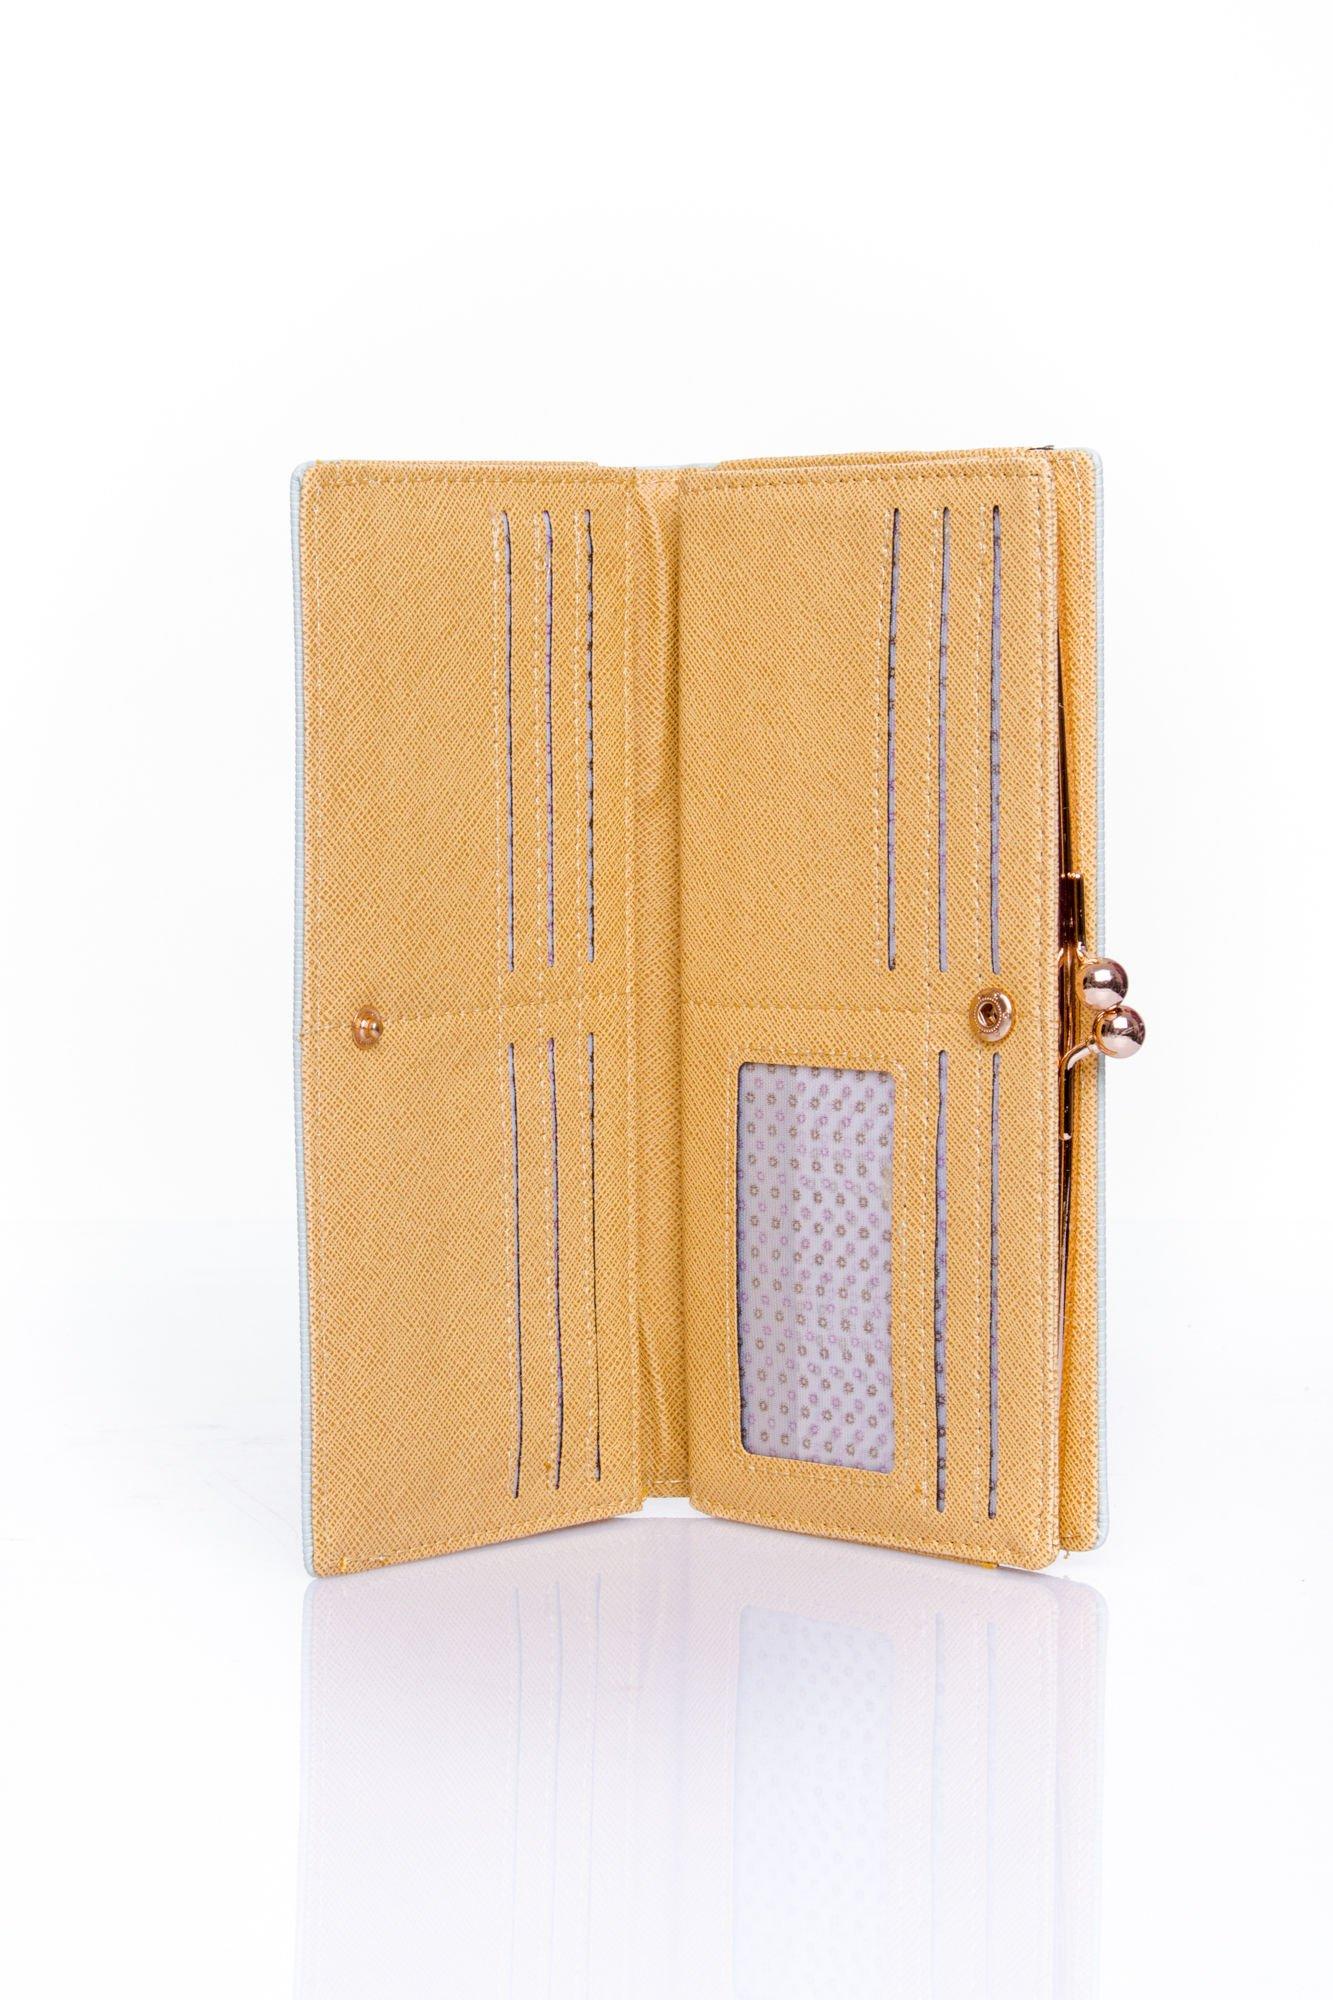 Miętowy portfel z biglem efekt saffiano                                   zdj.                                  3